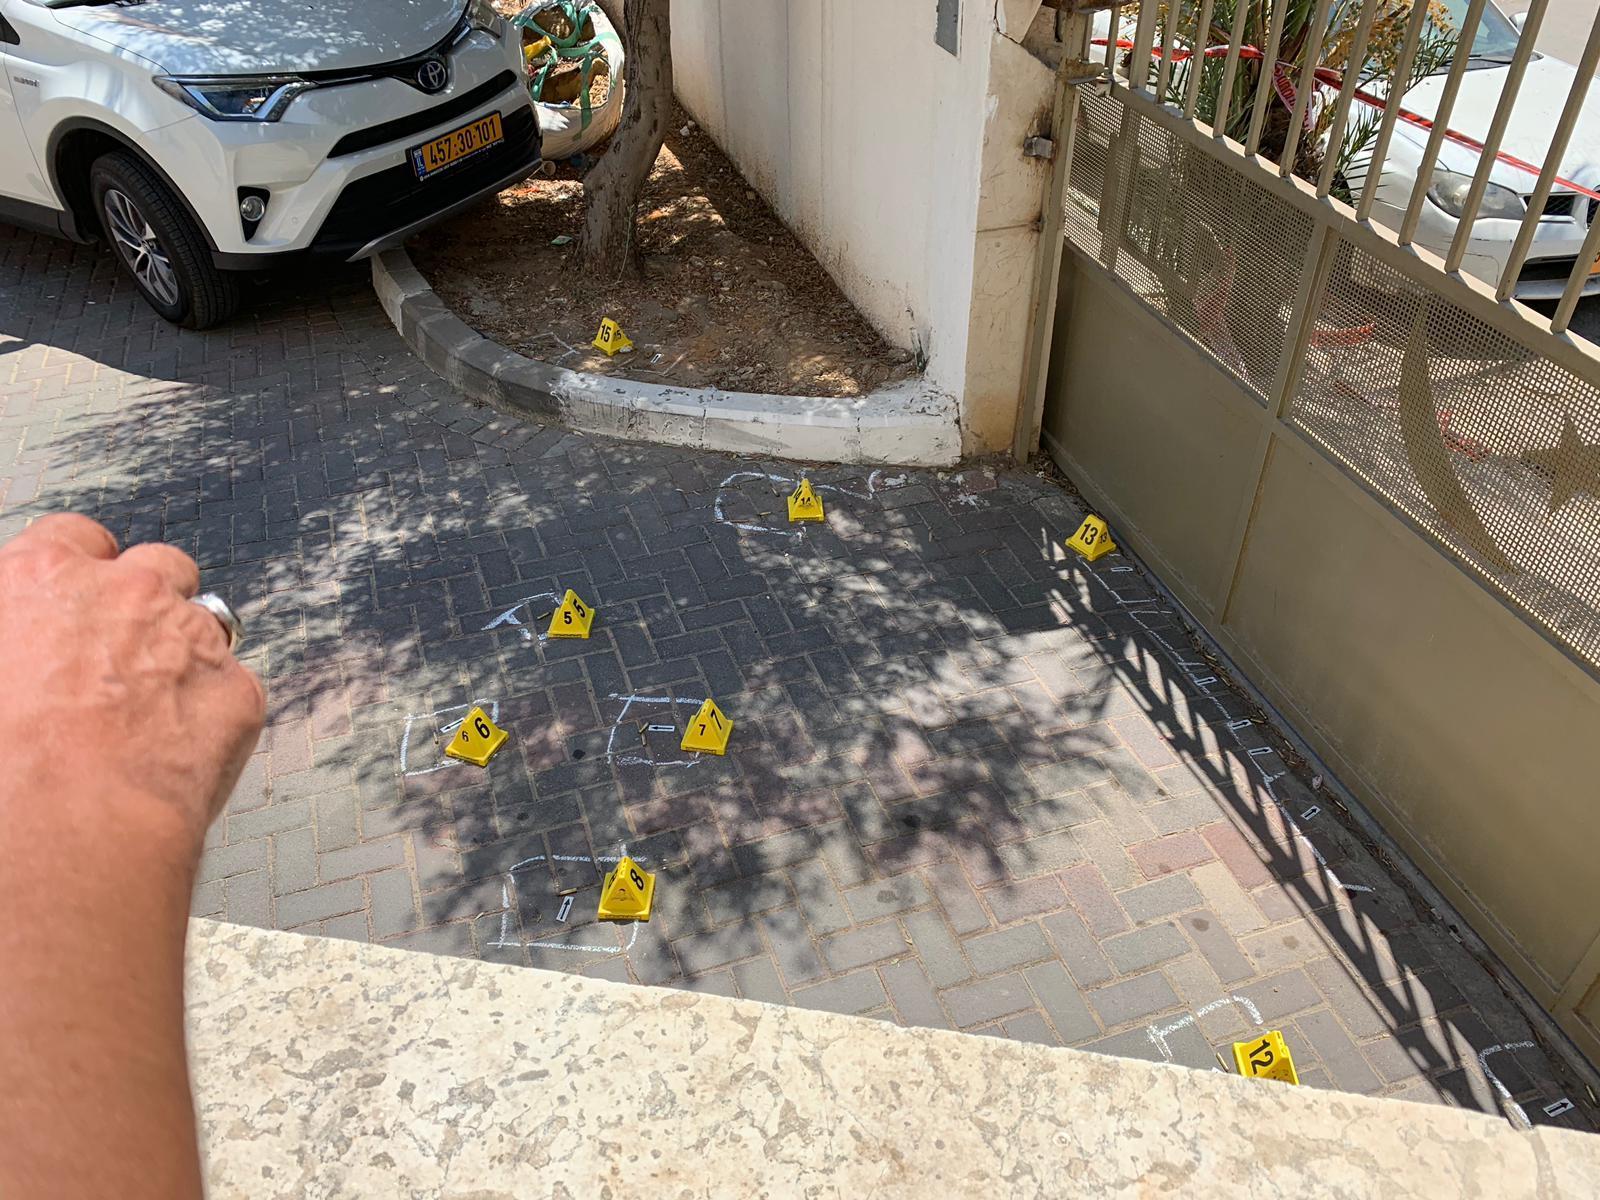 الطيبة: قتيل في جريمة إطلاق نار